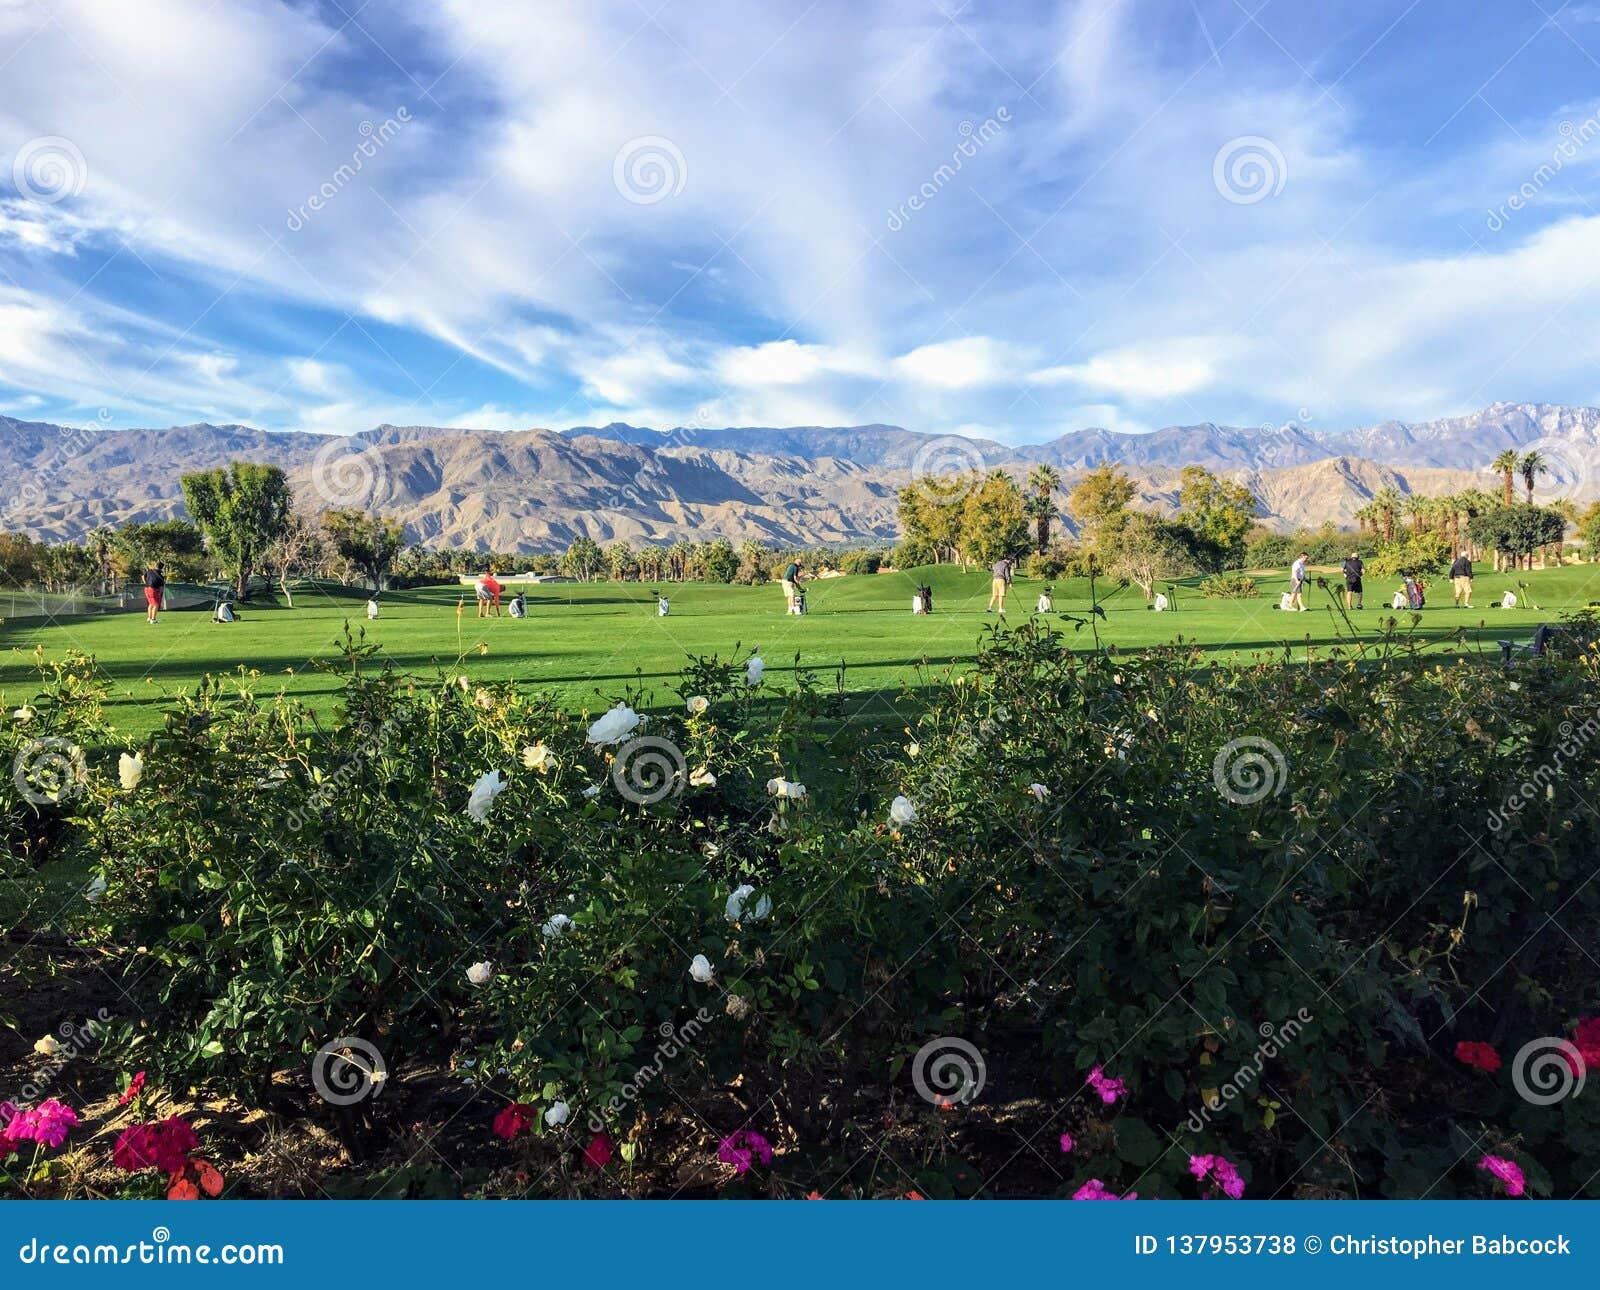 Pięknej trawy napędowy pasmo w palm springs, Kalifornia, Stany Zjednoczone Pasmo jest trawą z kwiatami w przedpolu